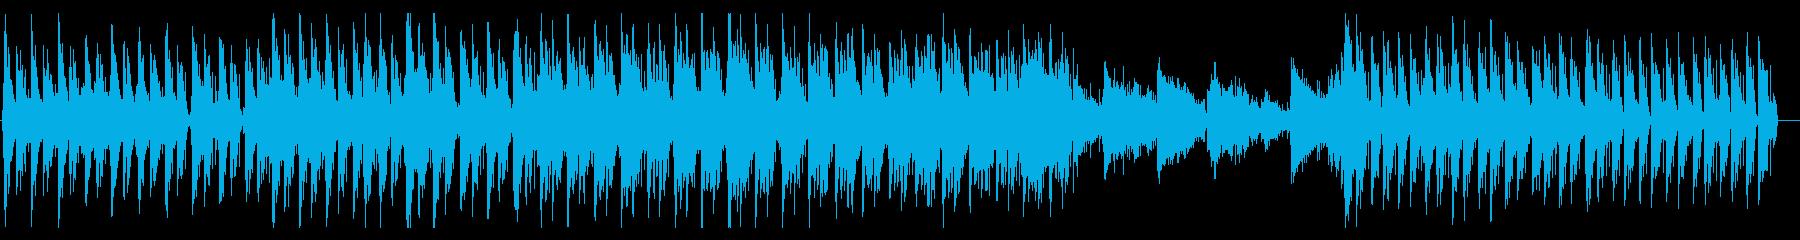 キラキラした軽快なジャジーヒップホップの再生済みの波形